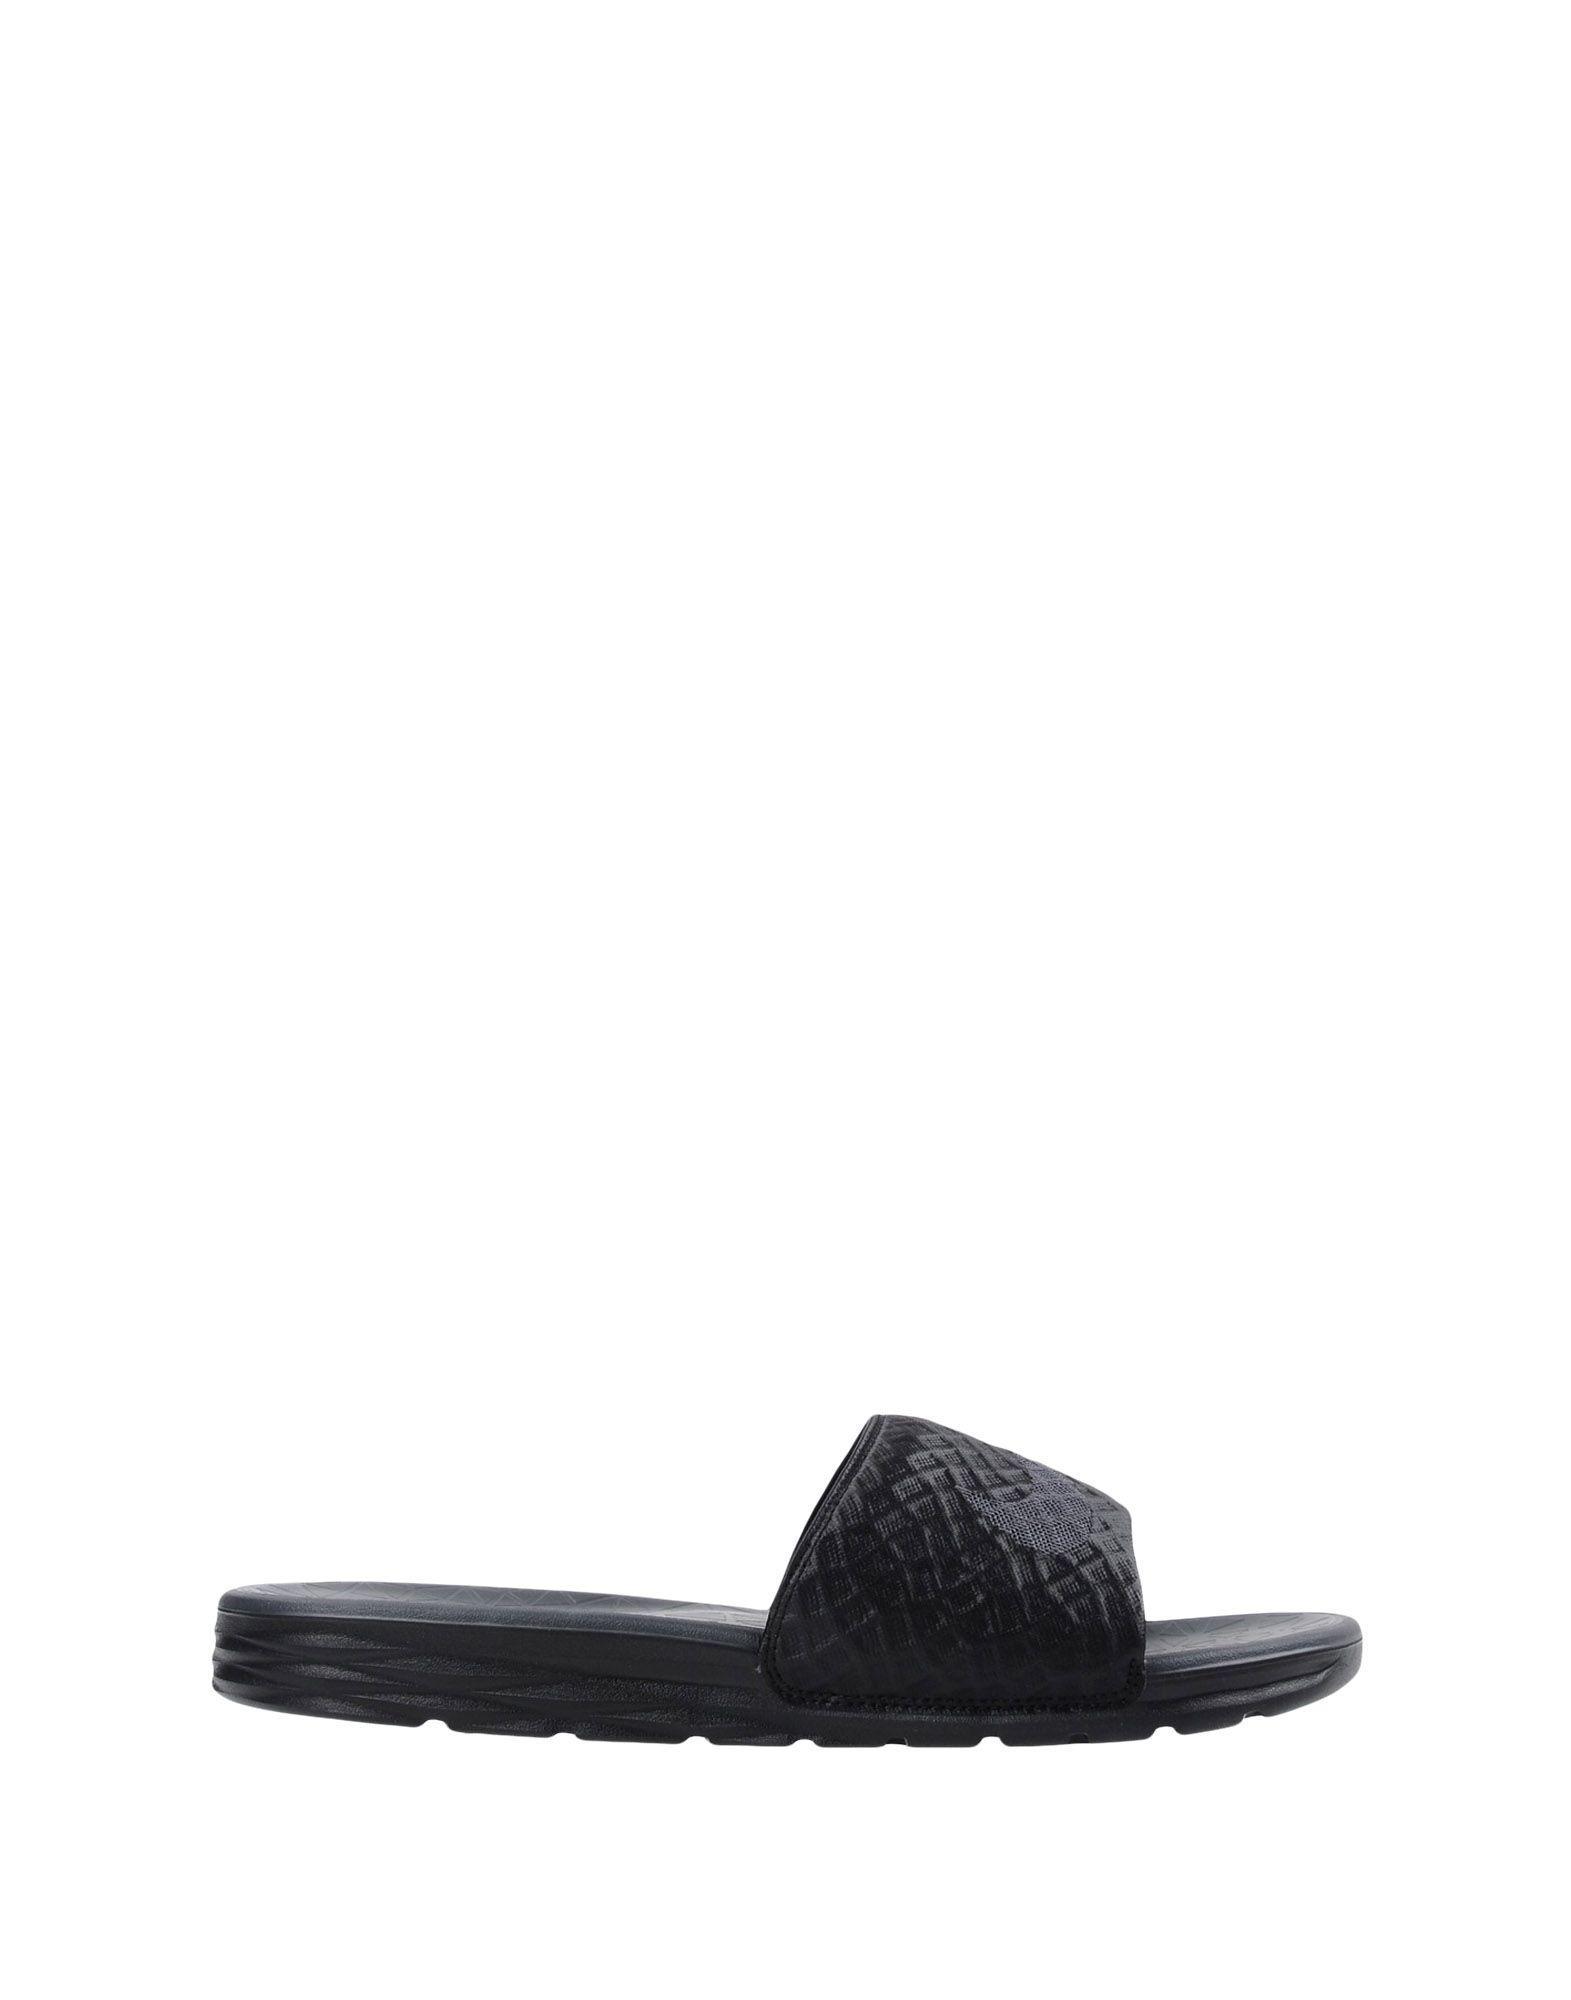 Lyst - Sandales Nike pour homme en coloris Noir b6c7273cb08